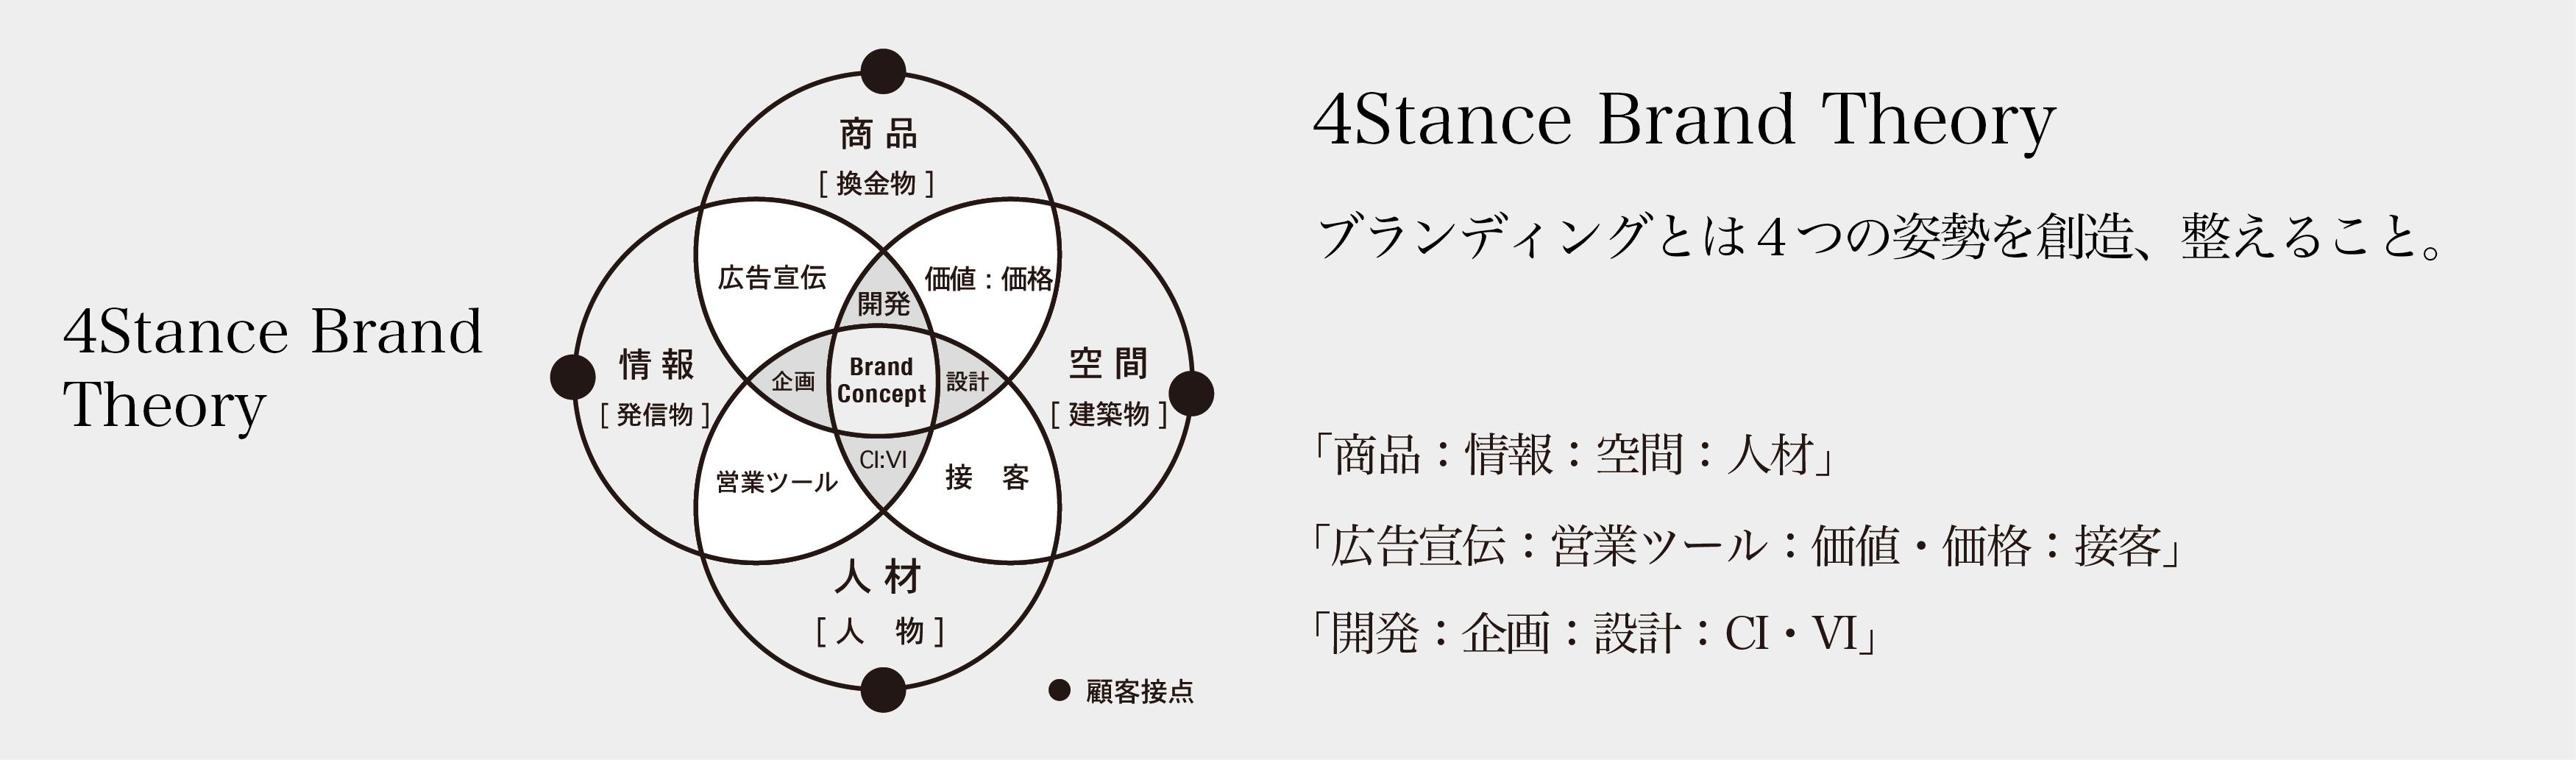 04.ブランドロジカル1